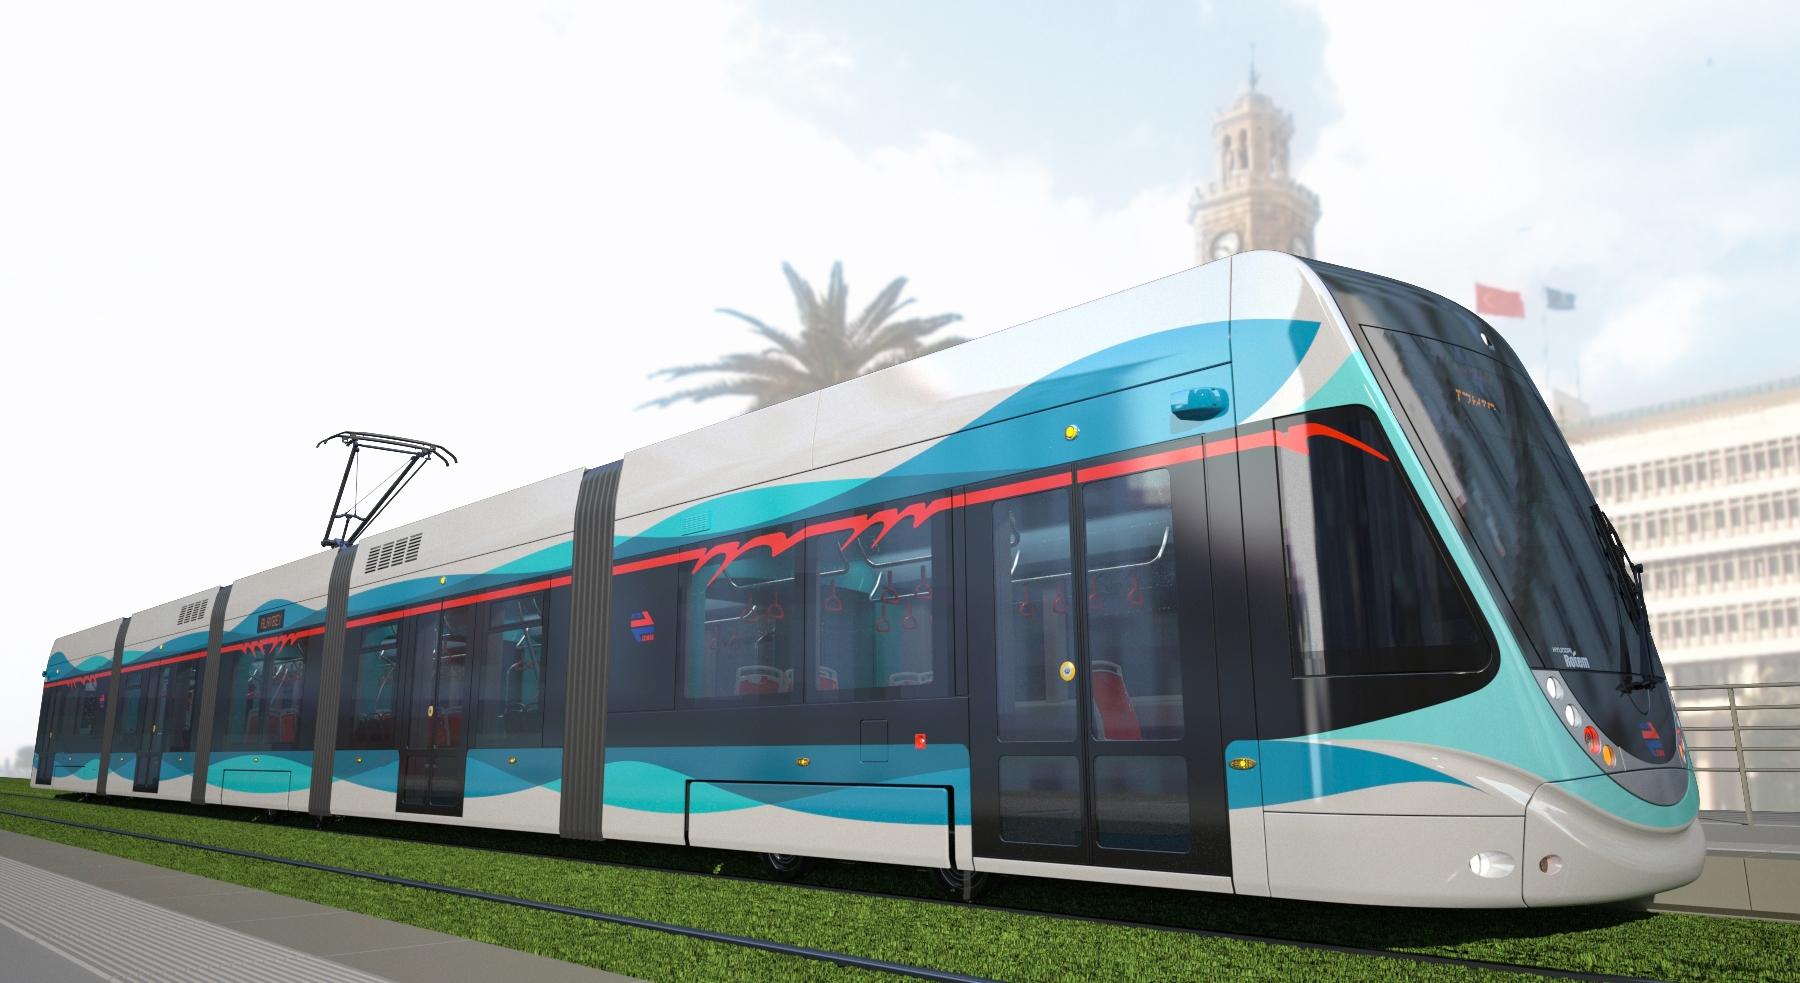 Tramvaj Hyundai Rotem pro turecký Izmir. (zdroj: Hyundai Rotem)